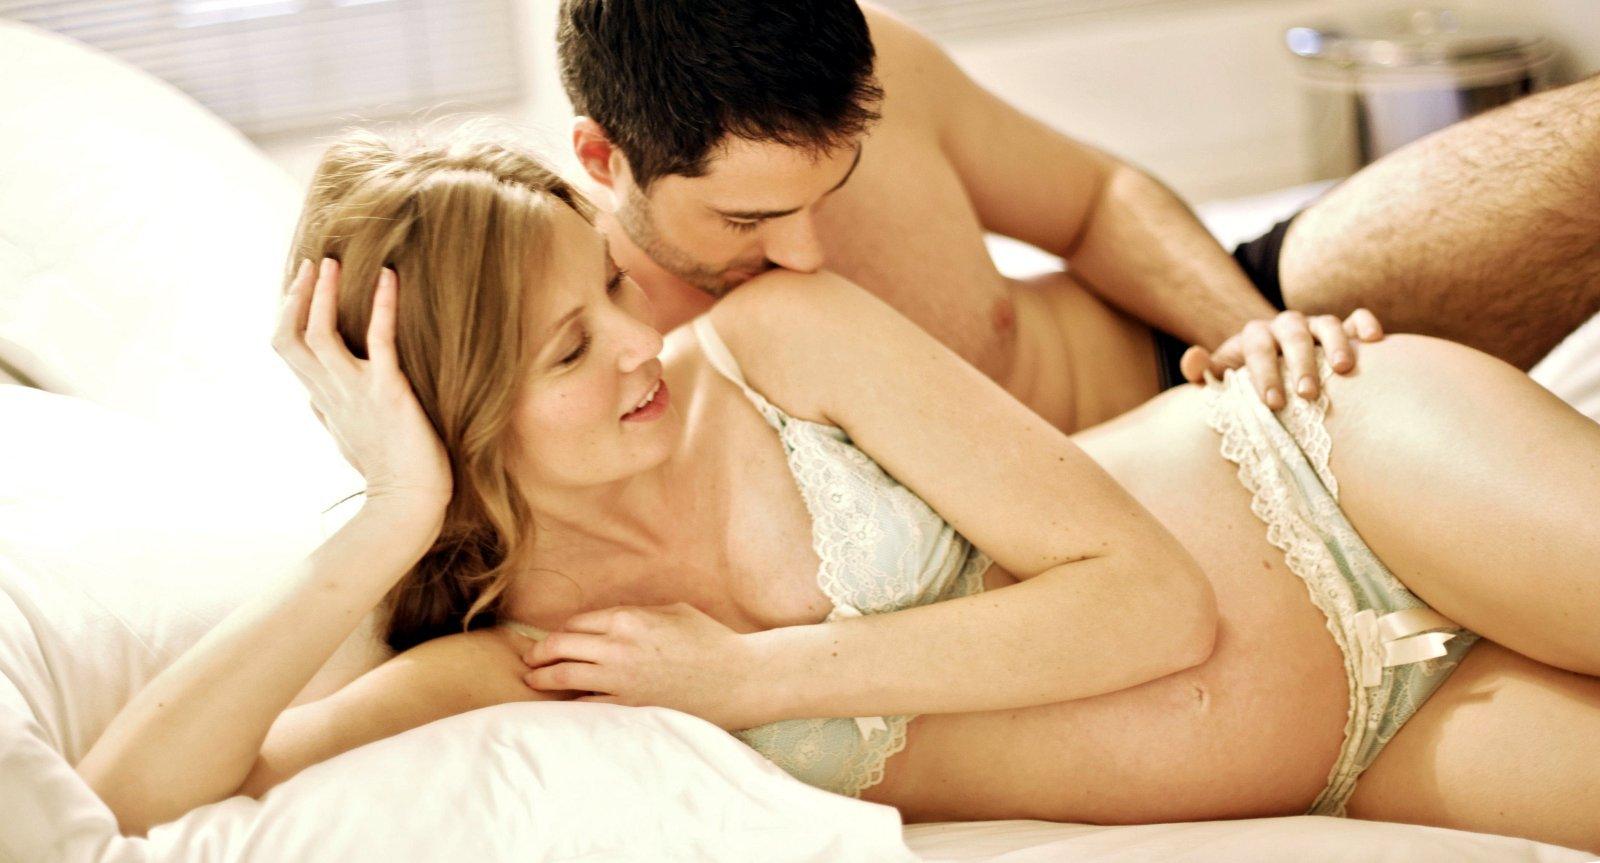 Чи можна займатися сексом під час вагітності? Безболісні пози і альтернативні способи статевої близькості